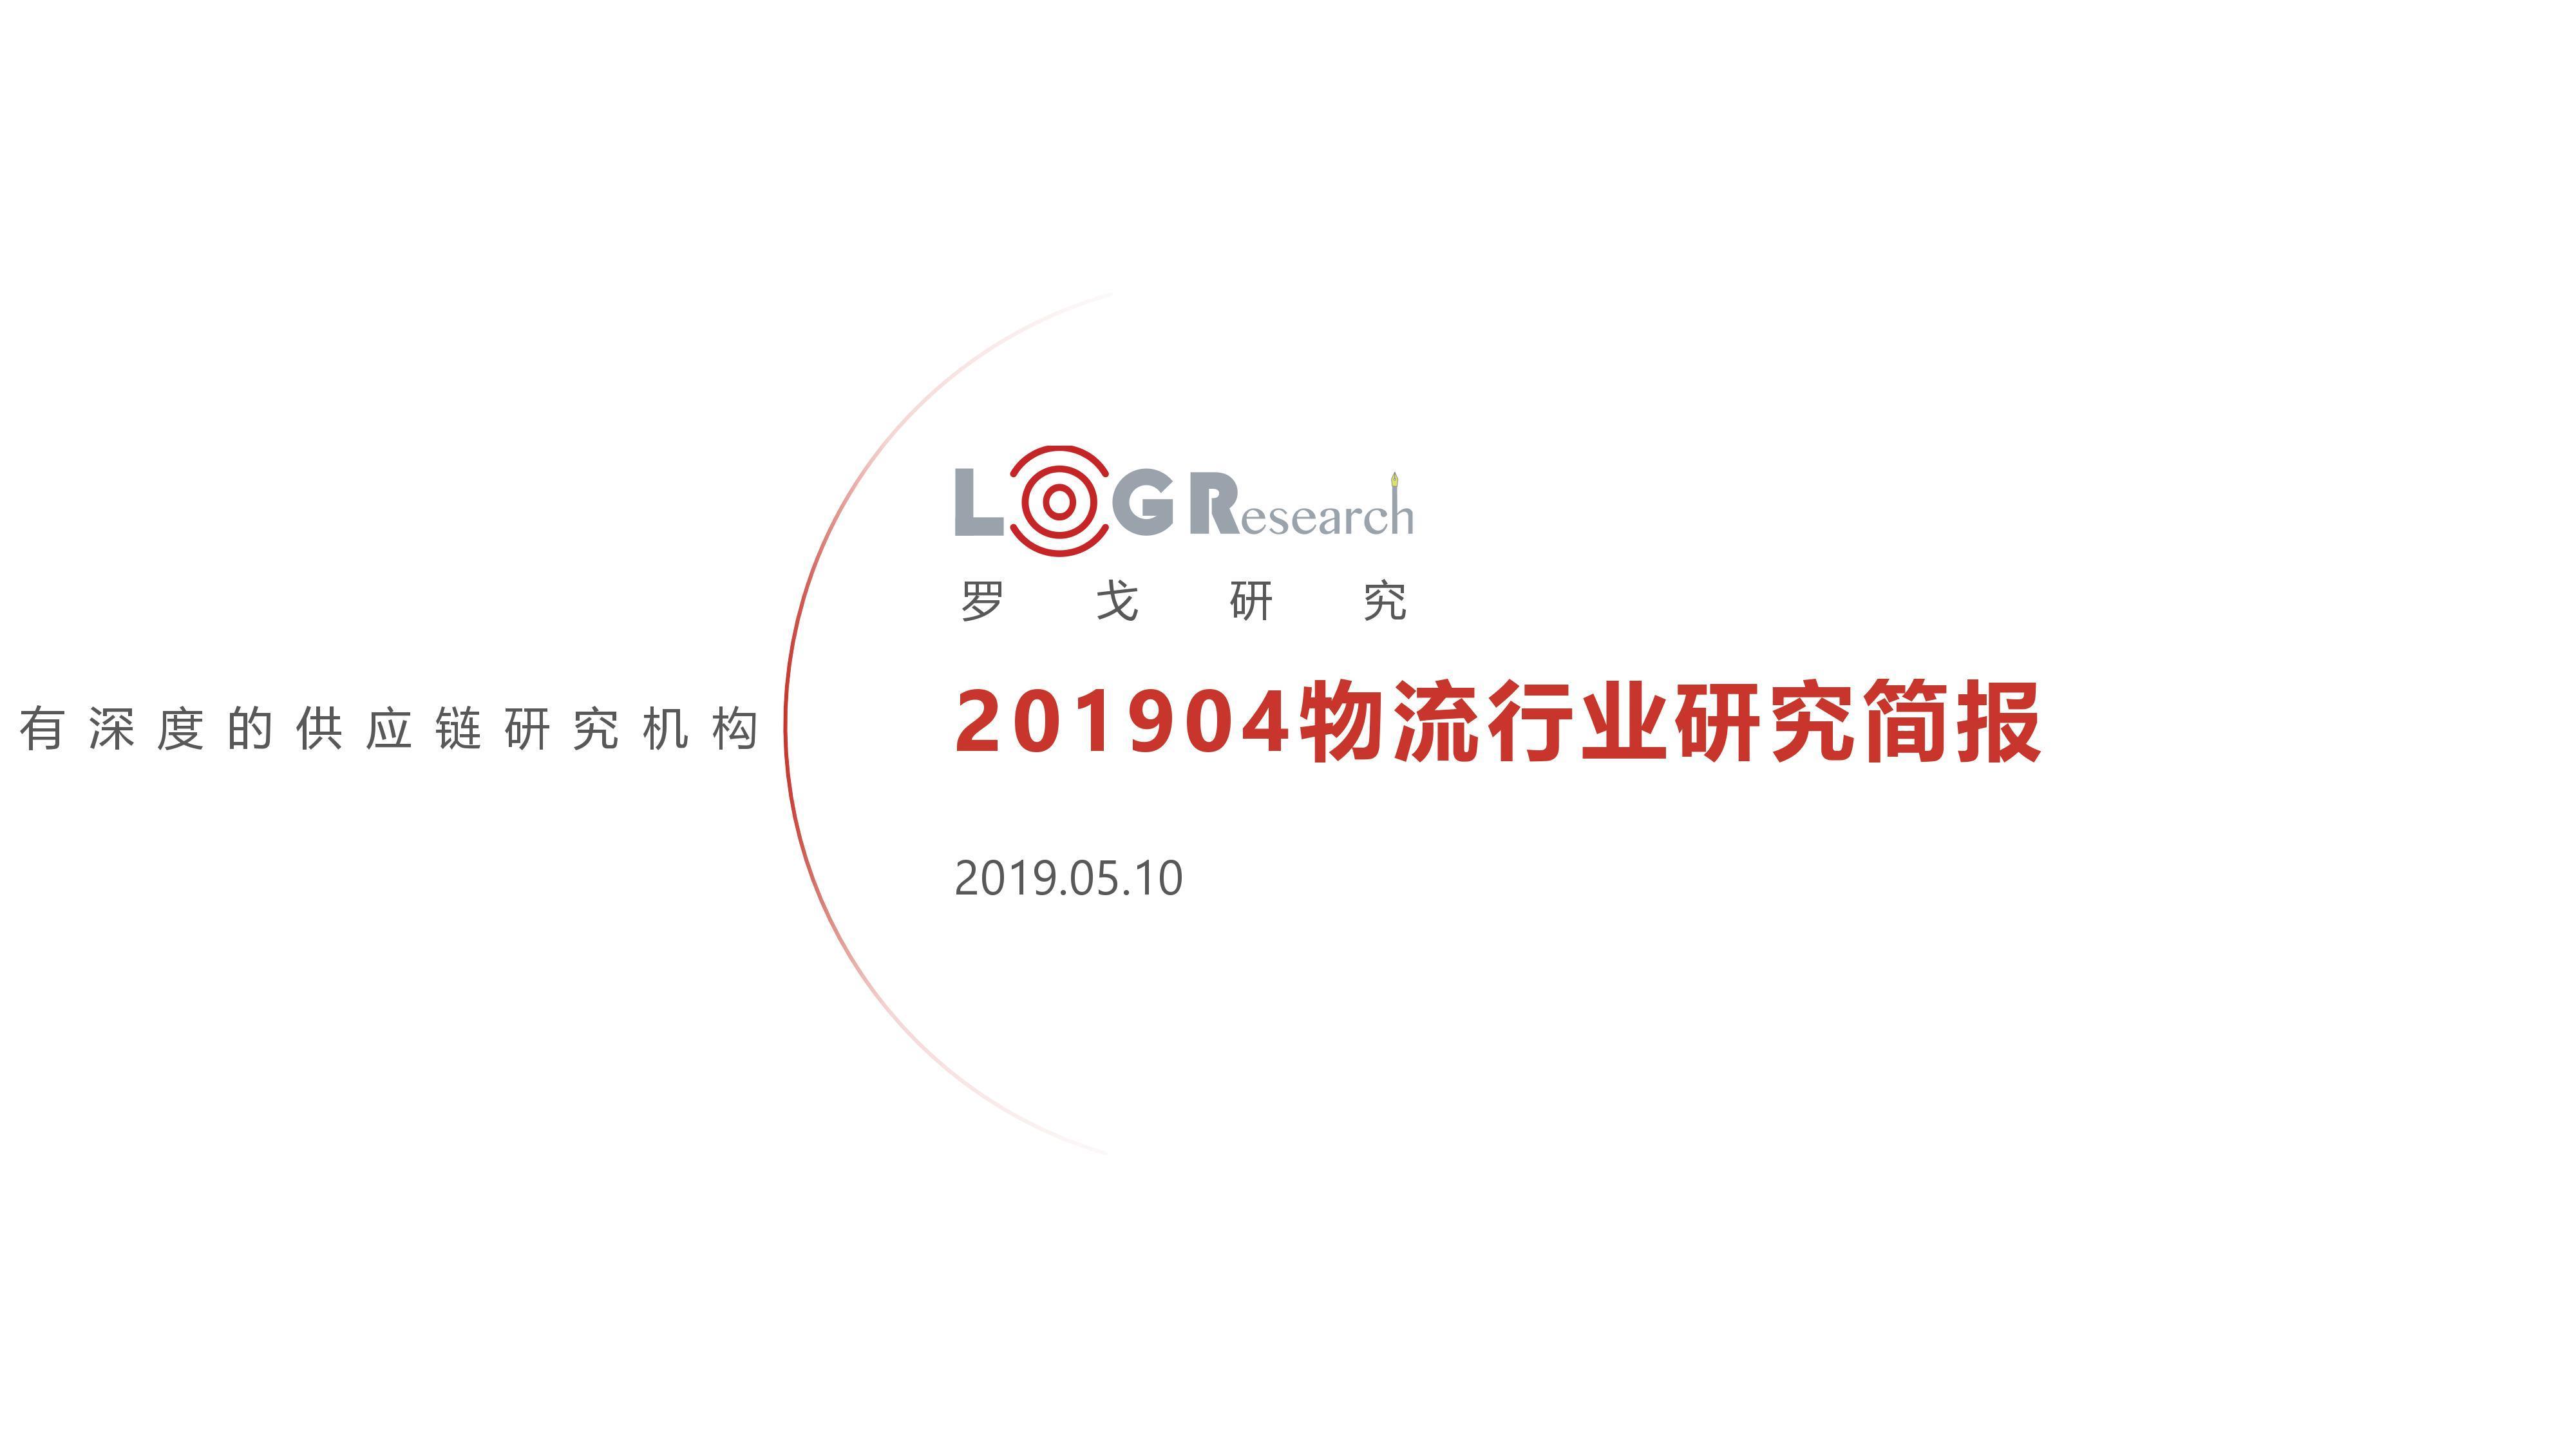 2019-04物流行業簡報-個人會員版